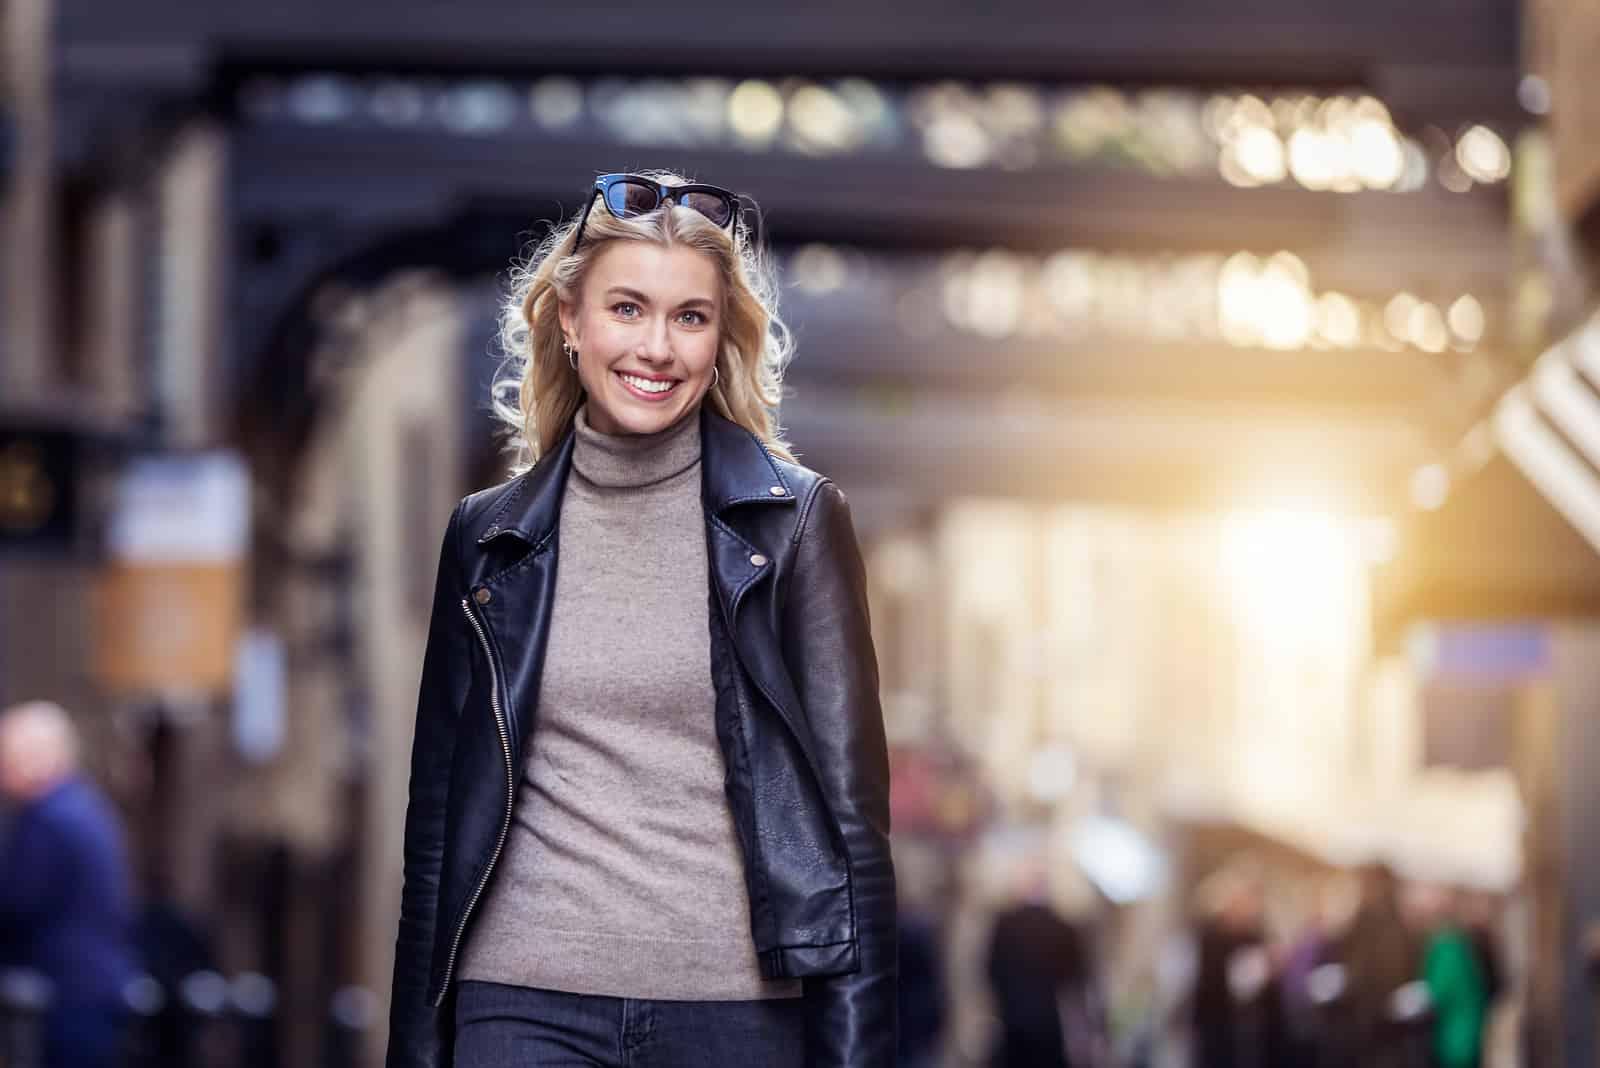 une belle femme aux cheveux blonds marche dans la rue